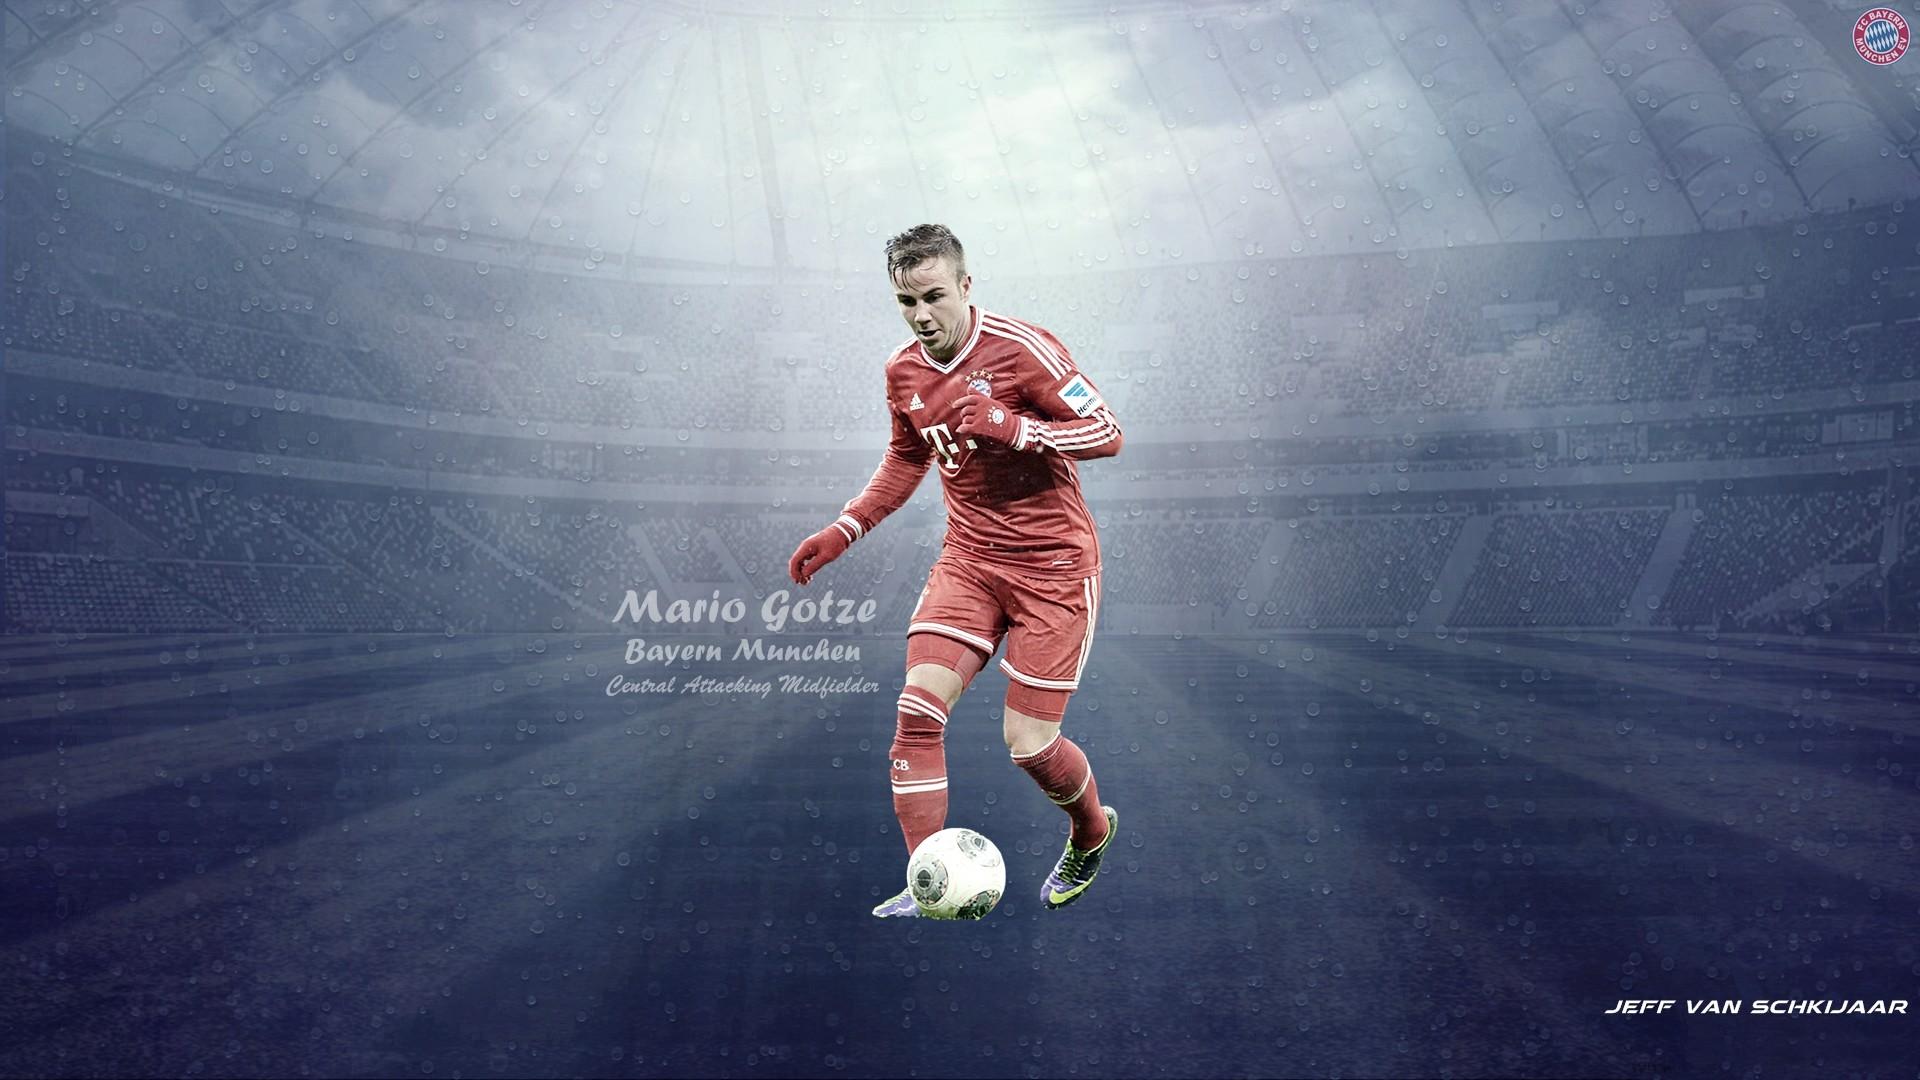 Mario+Gotze+Bayern+Munich+Wallpaper+HD+2014+#1